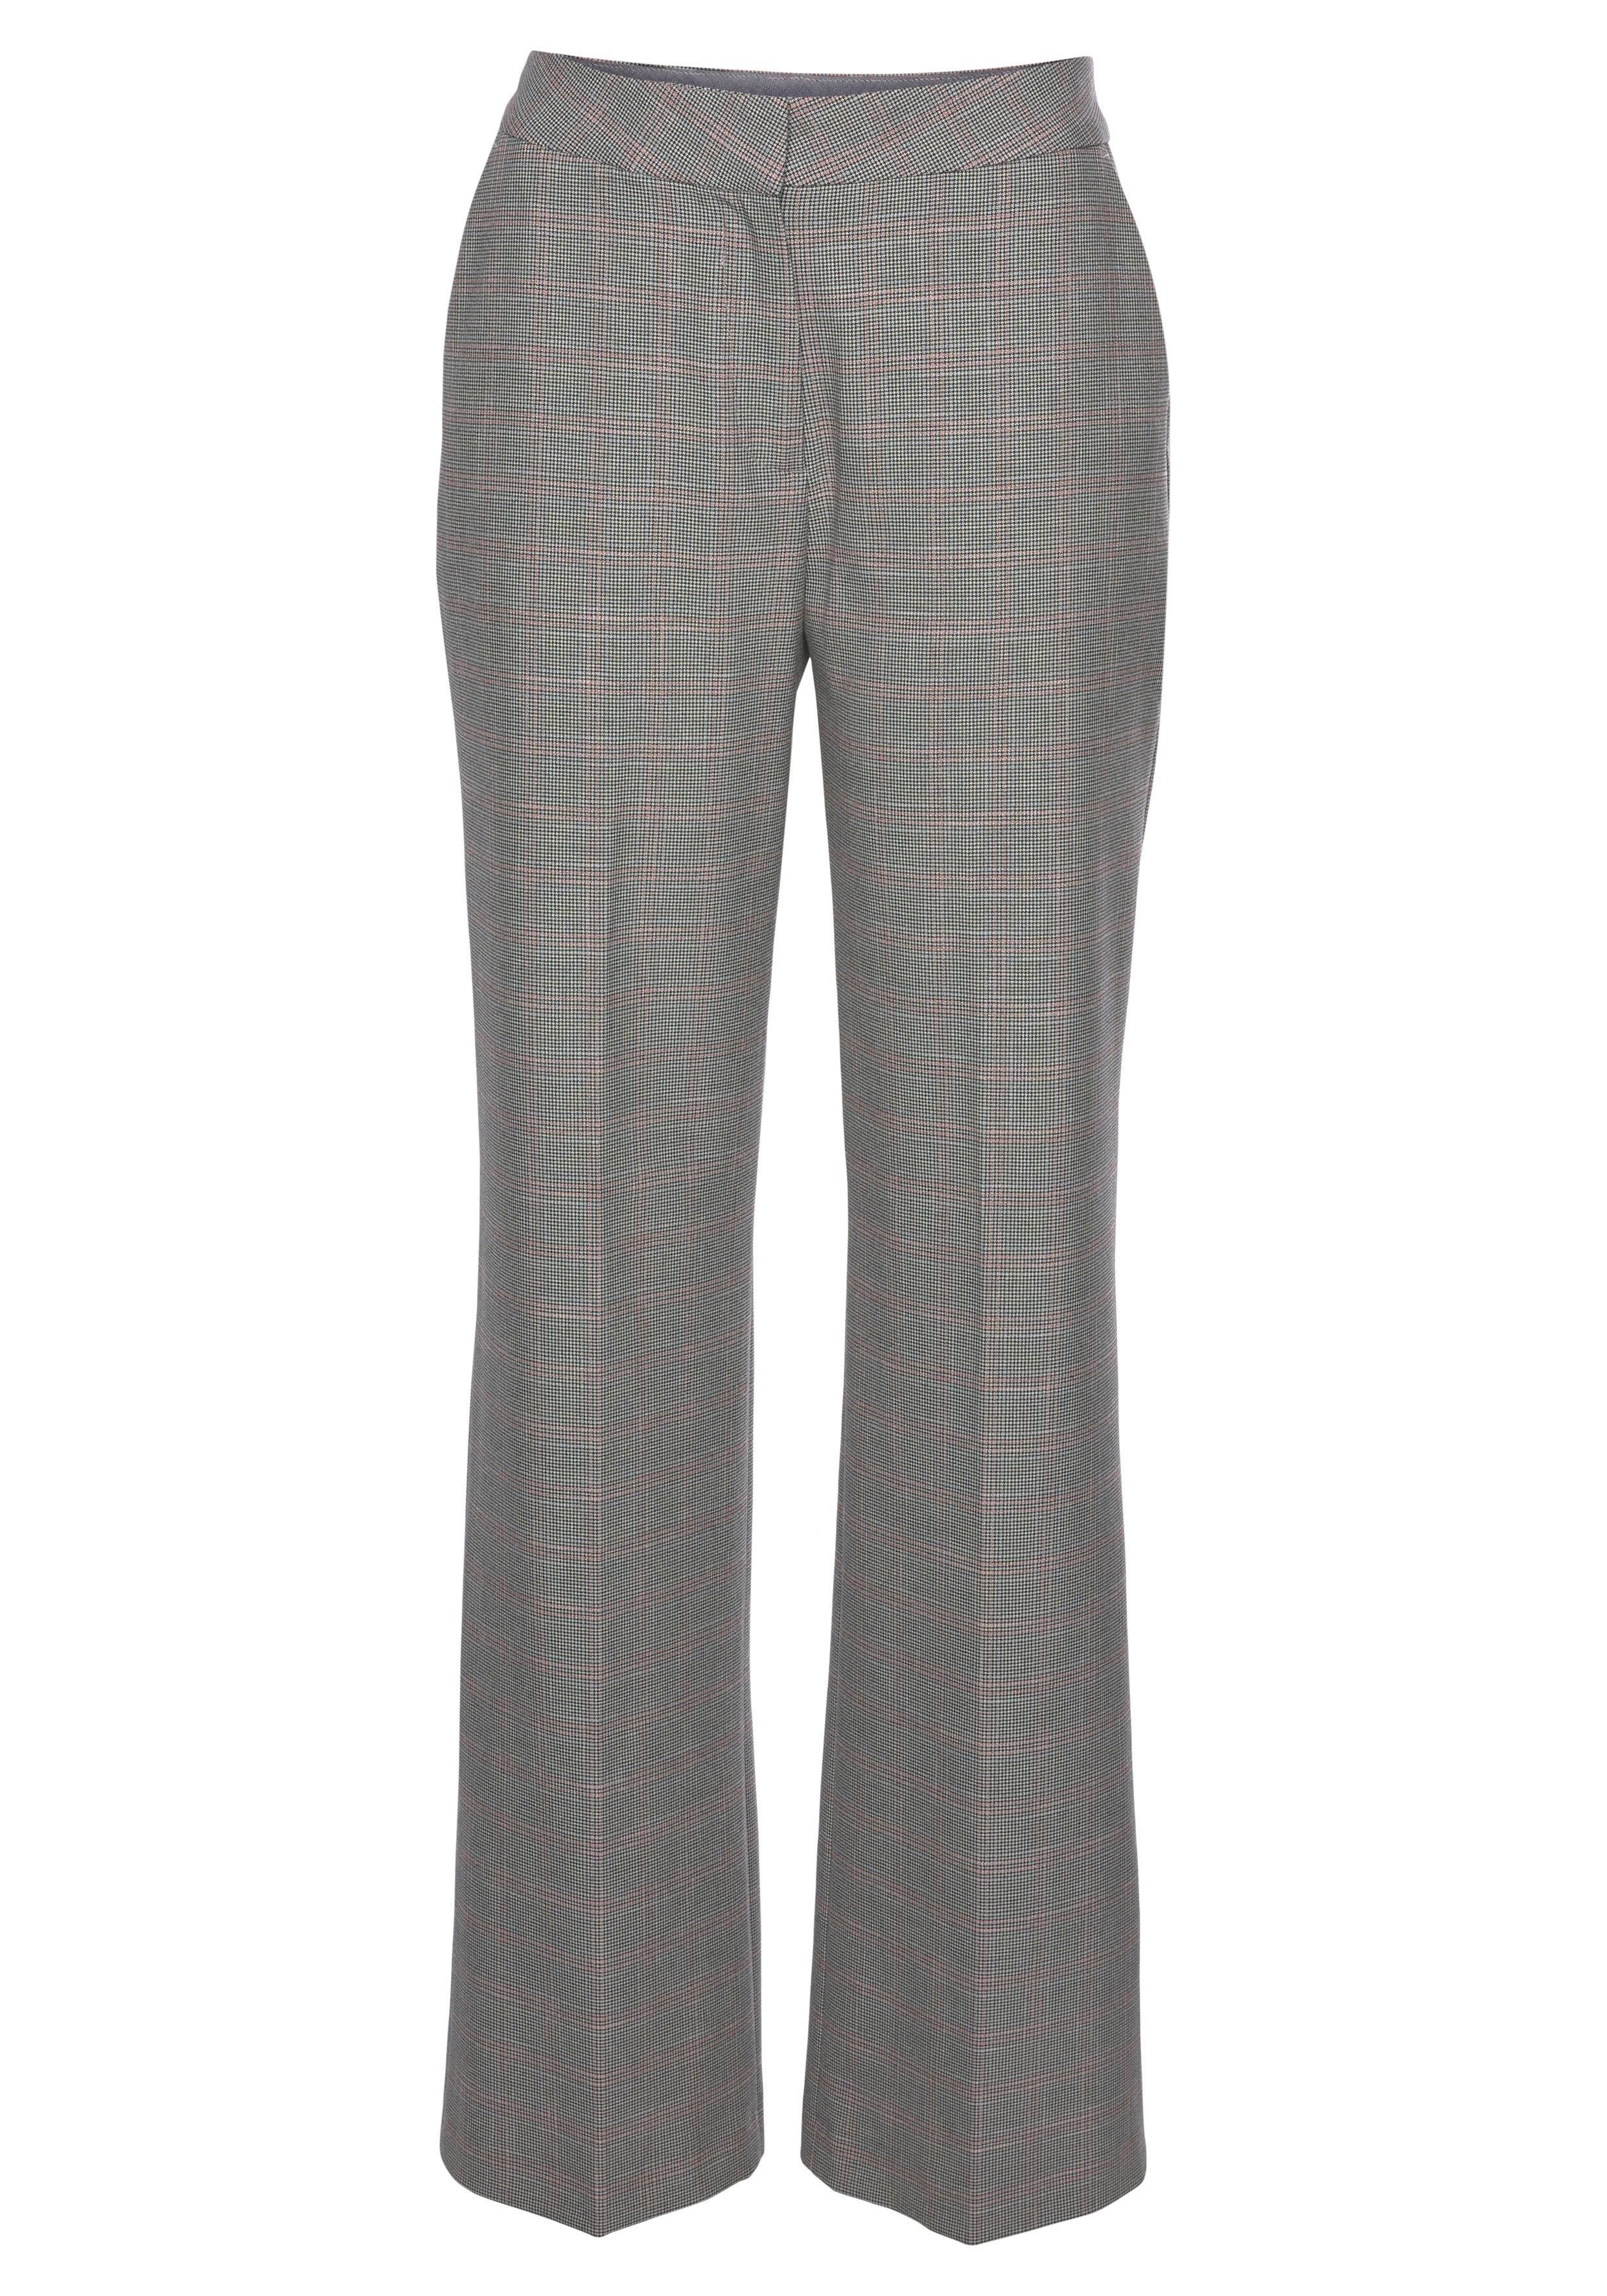 ESPRIT pantalon bestellen: 14 dagen bedenktijd